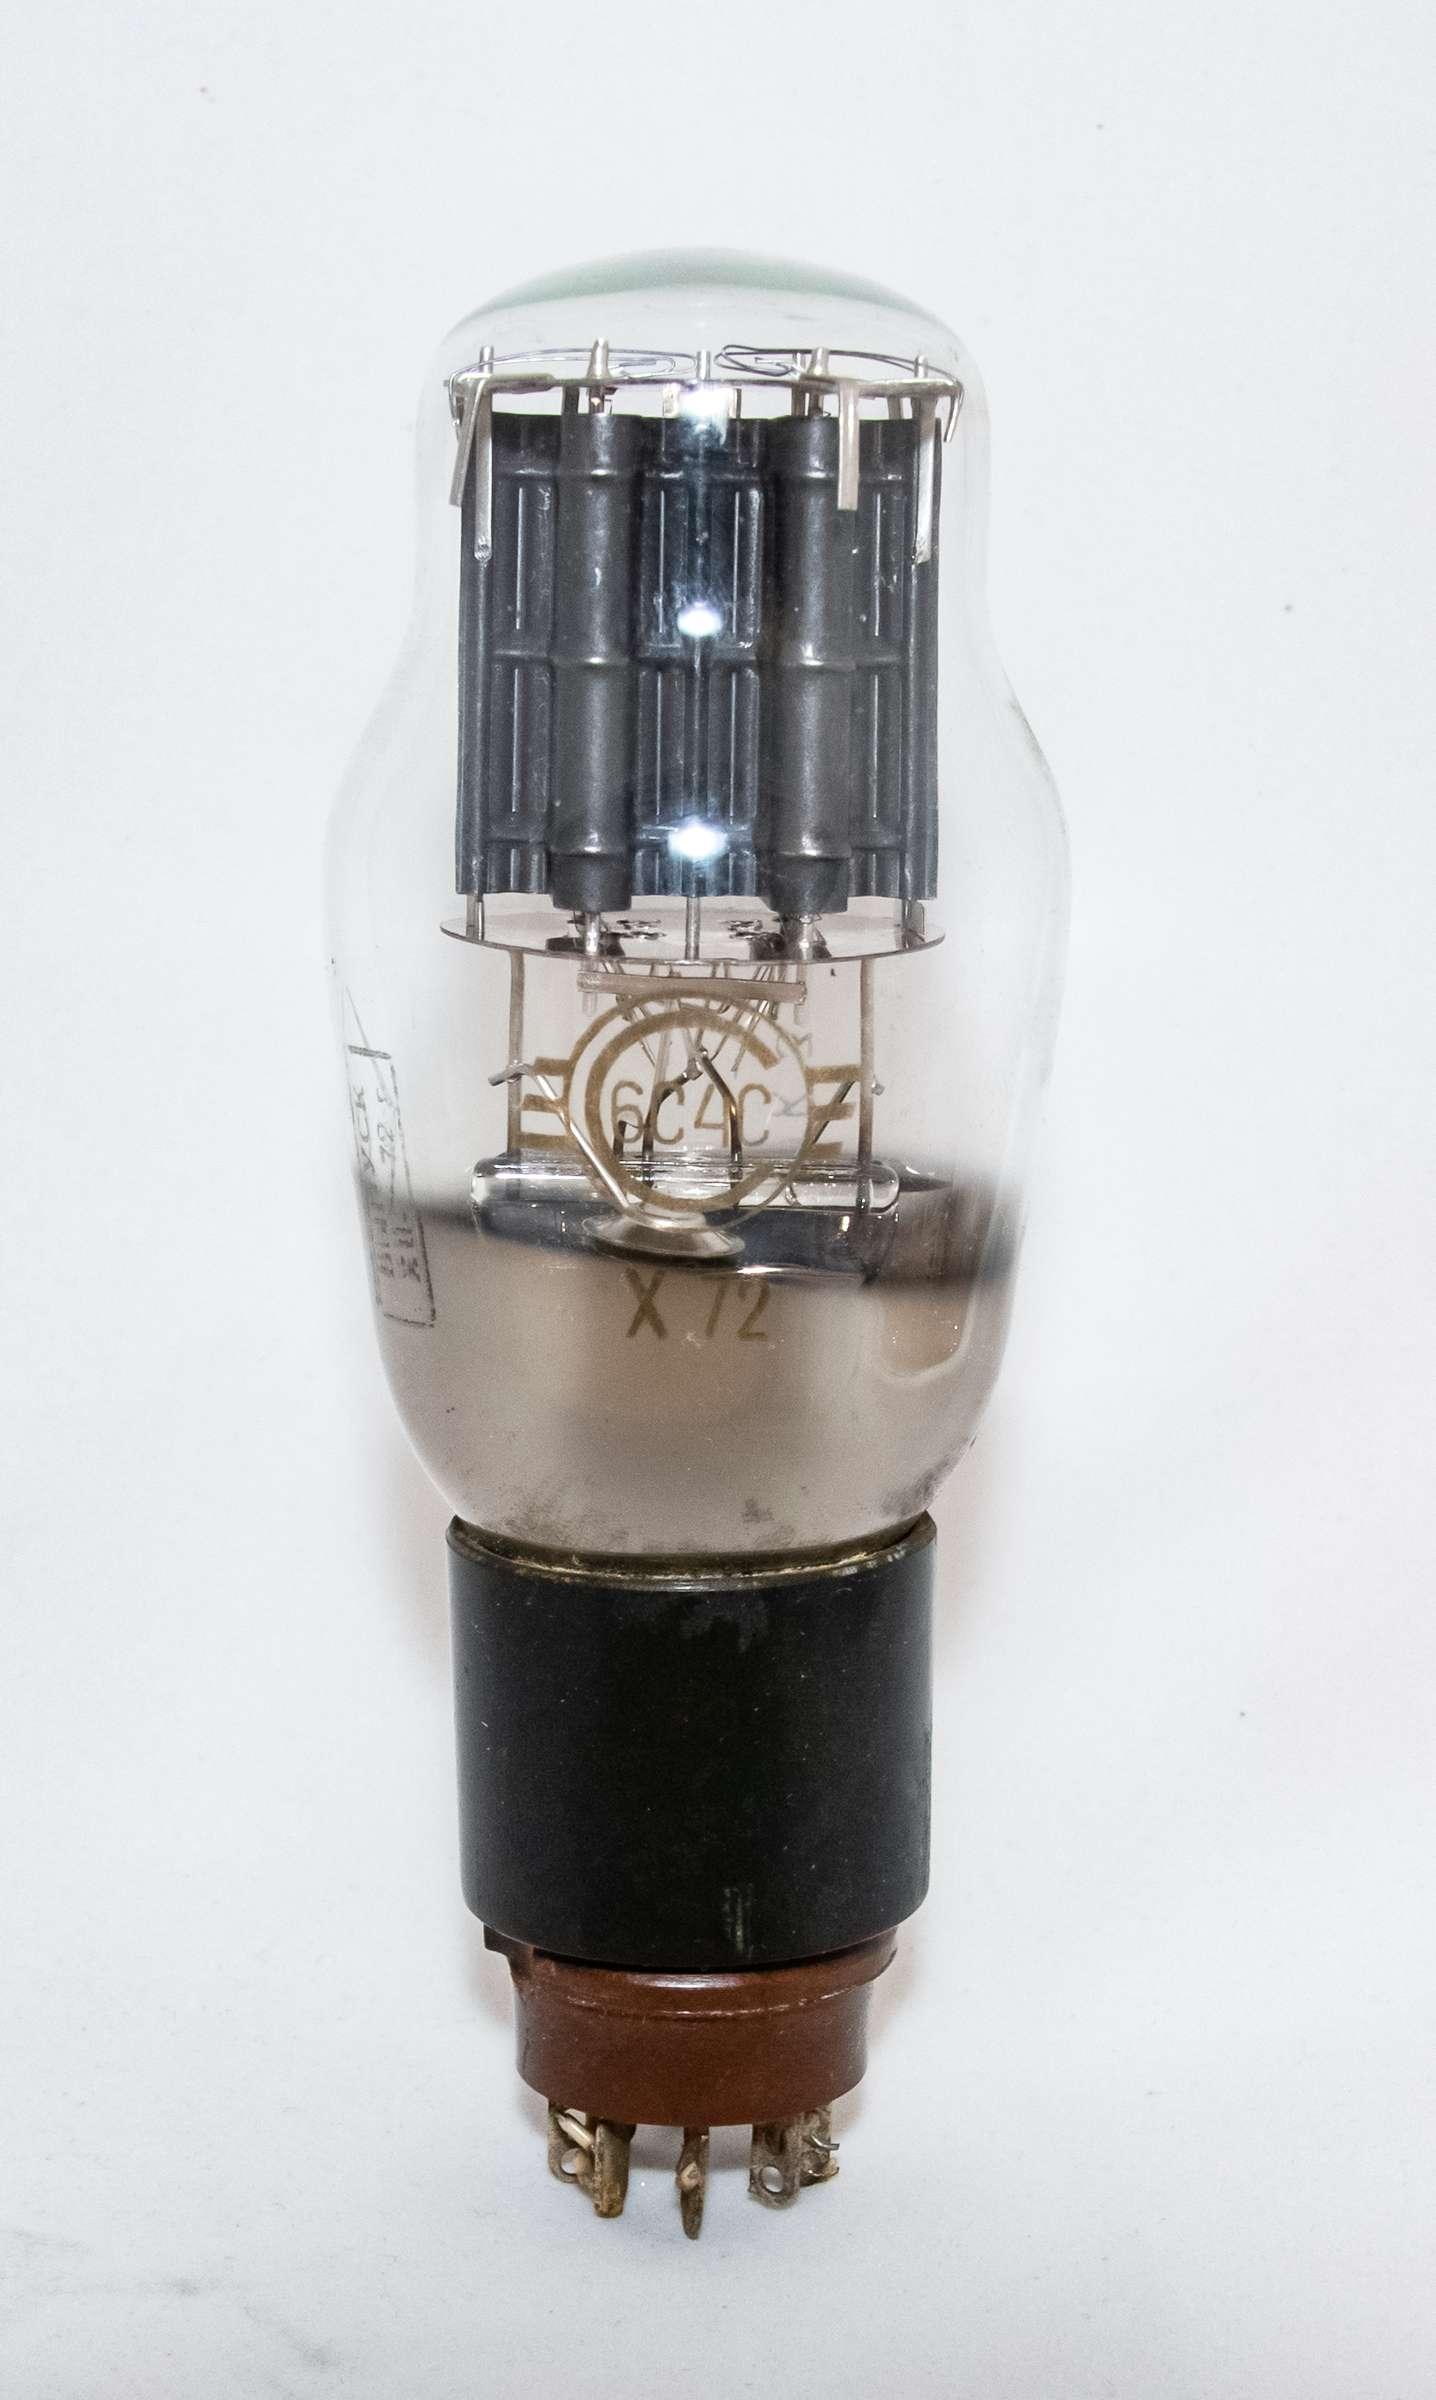 Внешний вид радиолампы 6С4С